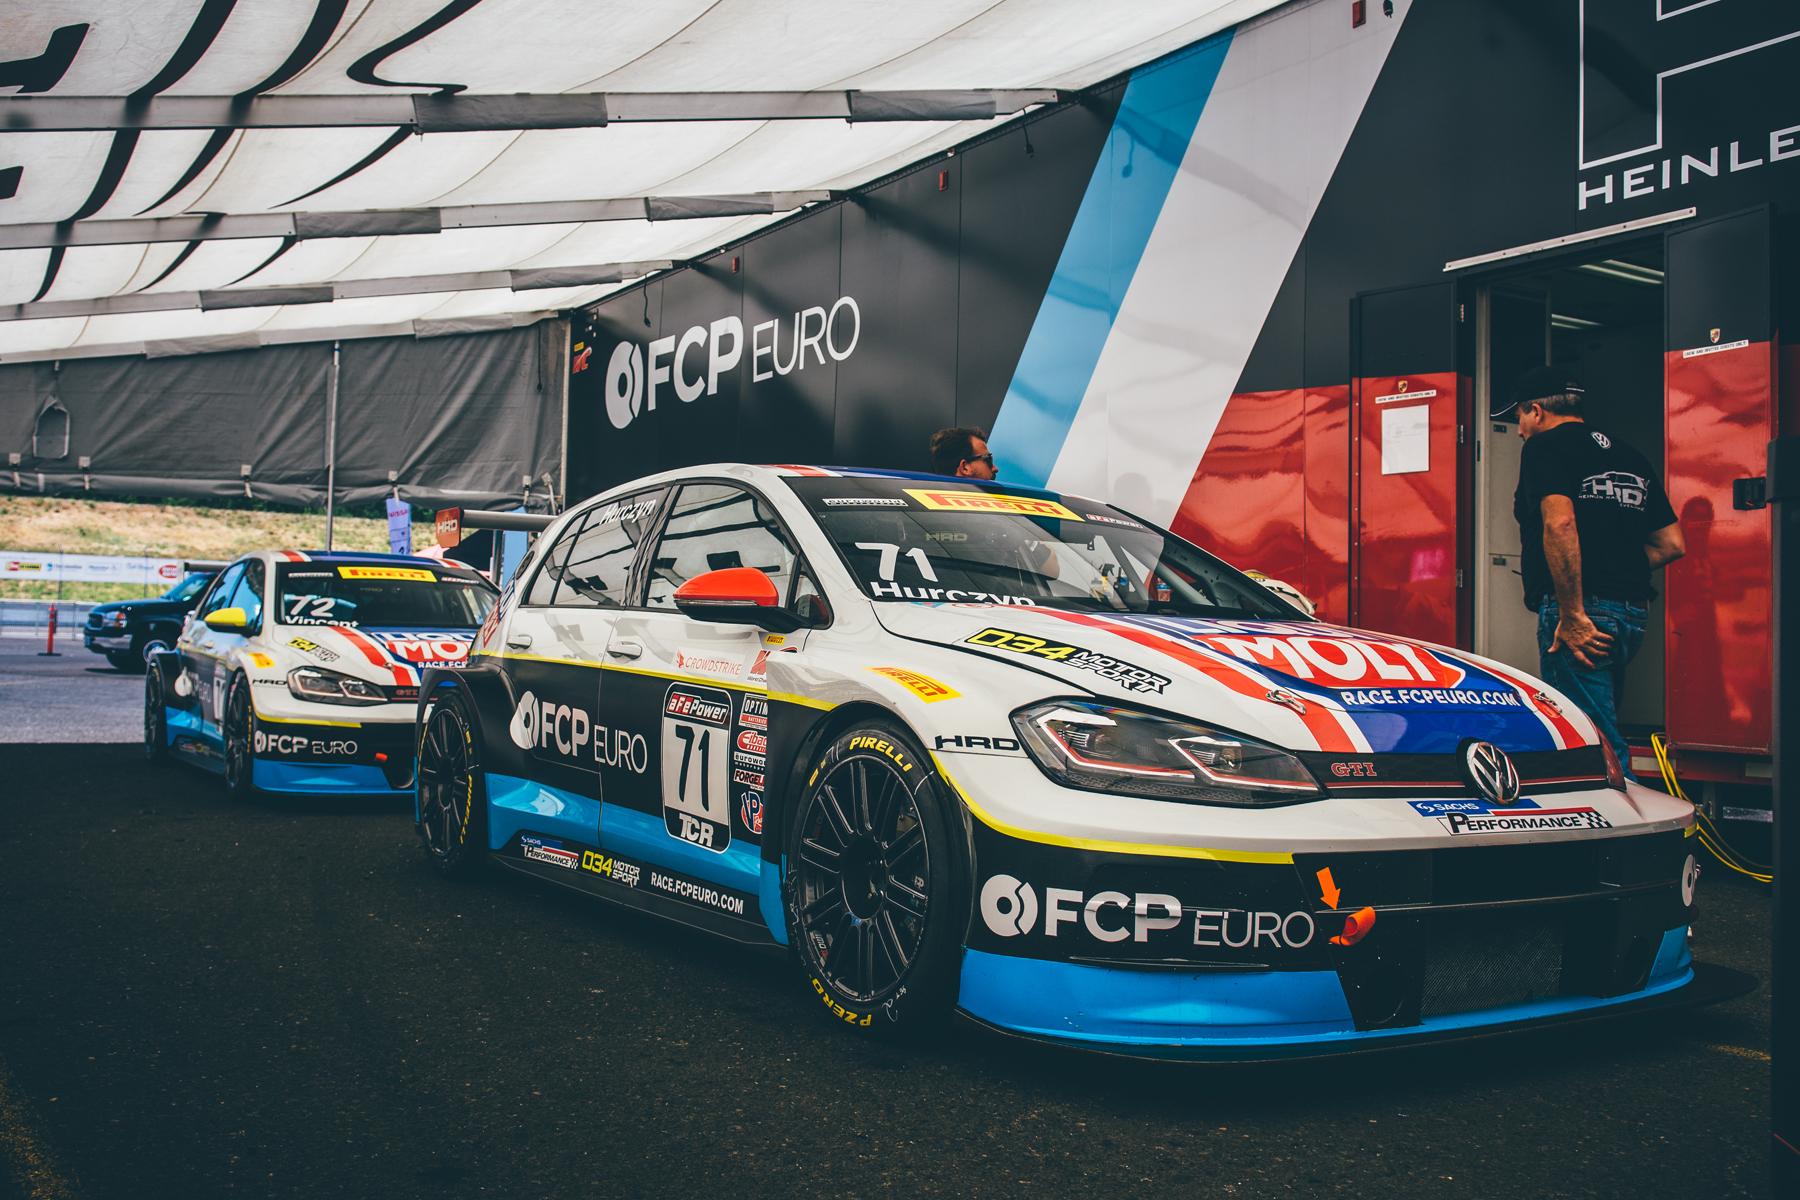 pirelli-world-challenge-pir-fcp-euro-mk7-volkswagen-gti-tcr-16.jpg